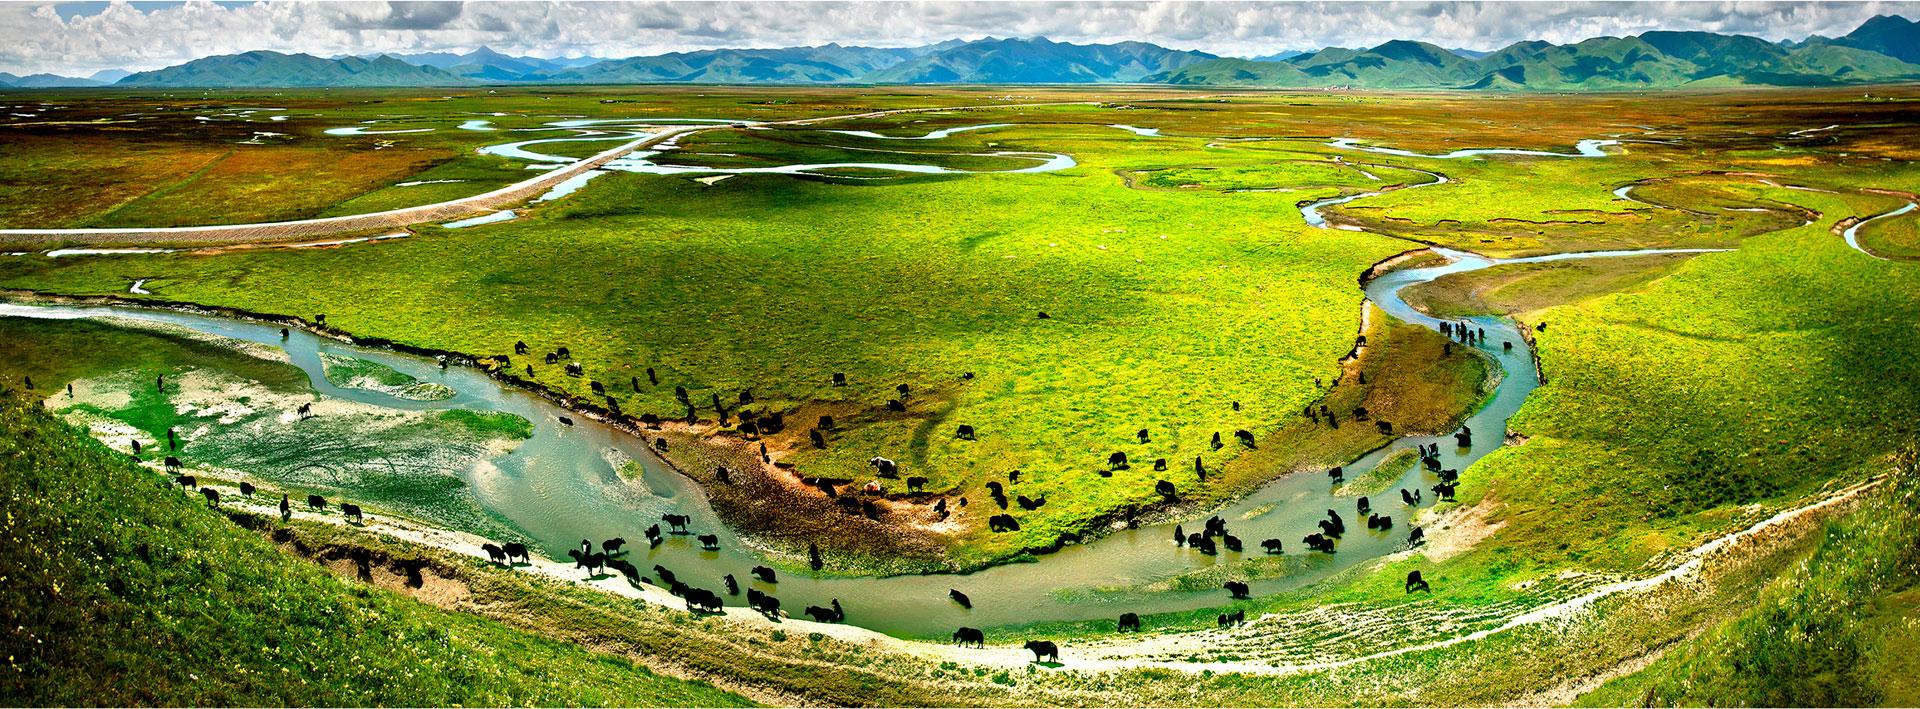 Gansu and Silk Road